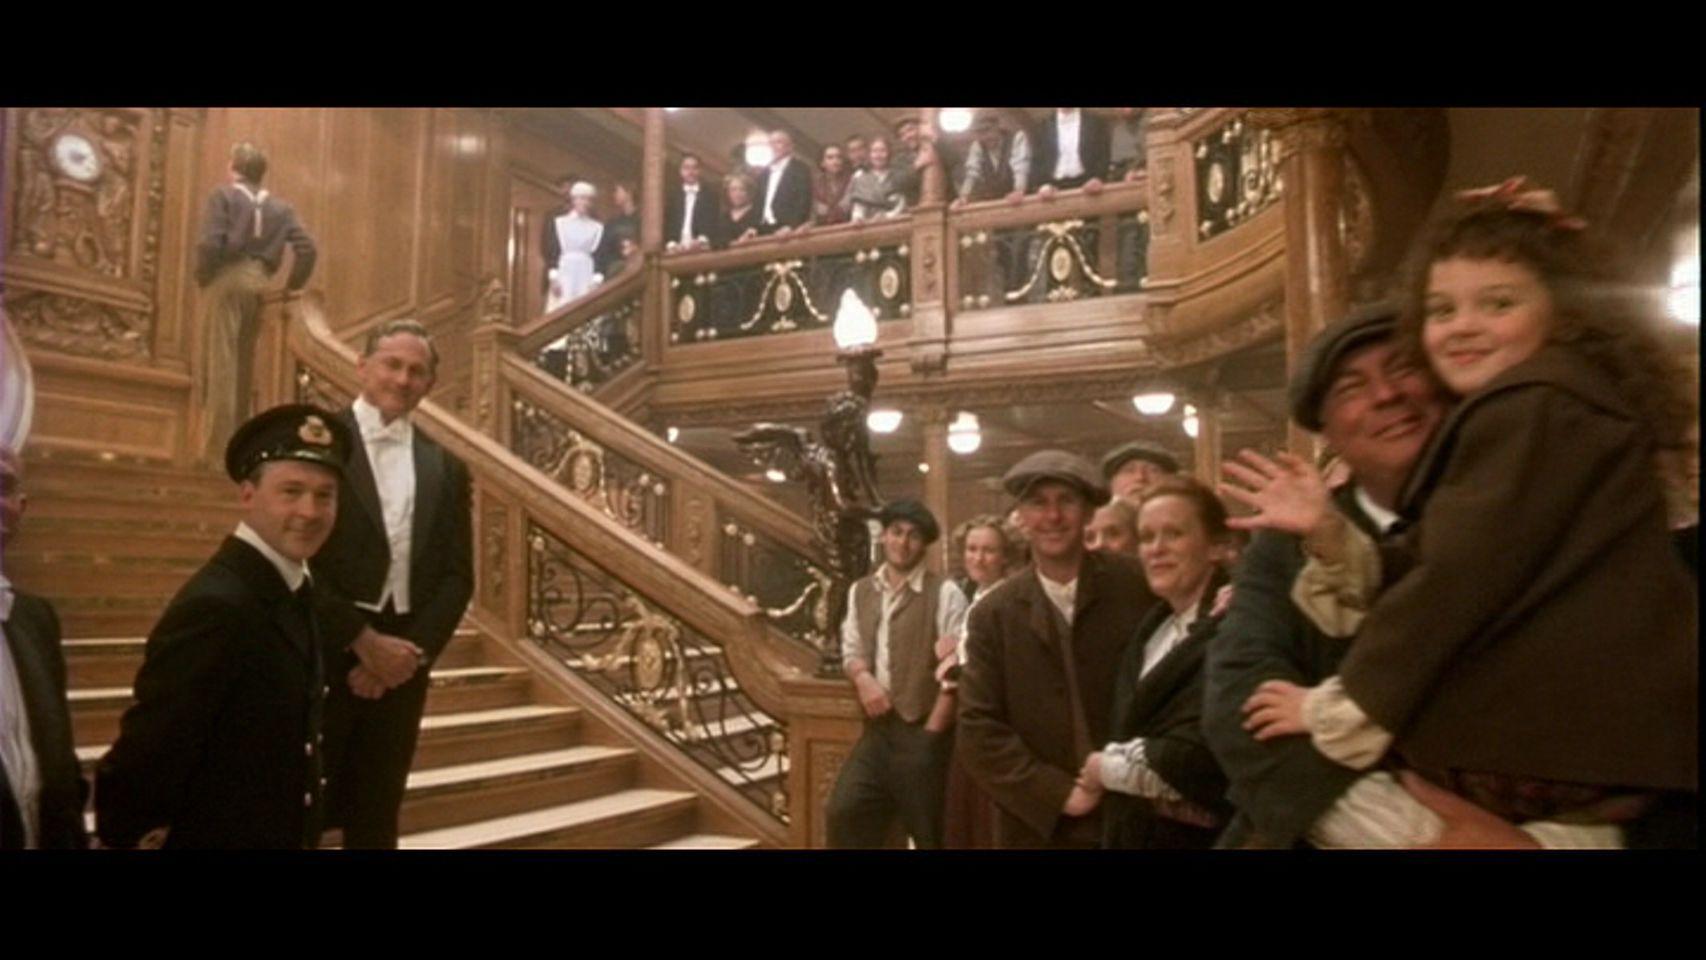 Titanic 1997 Titanic Image 22289839 Fanpop